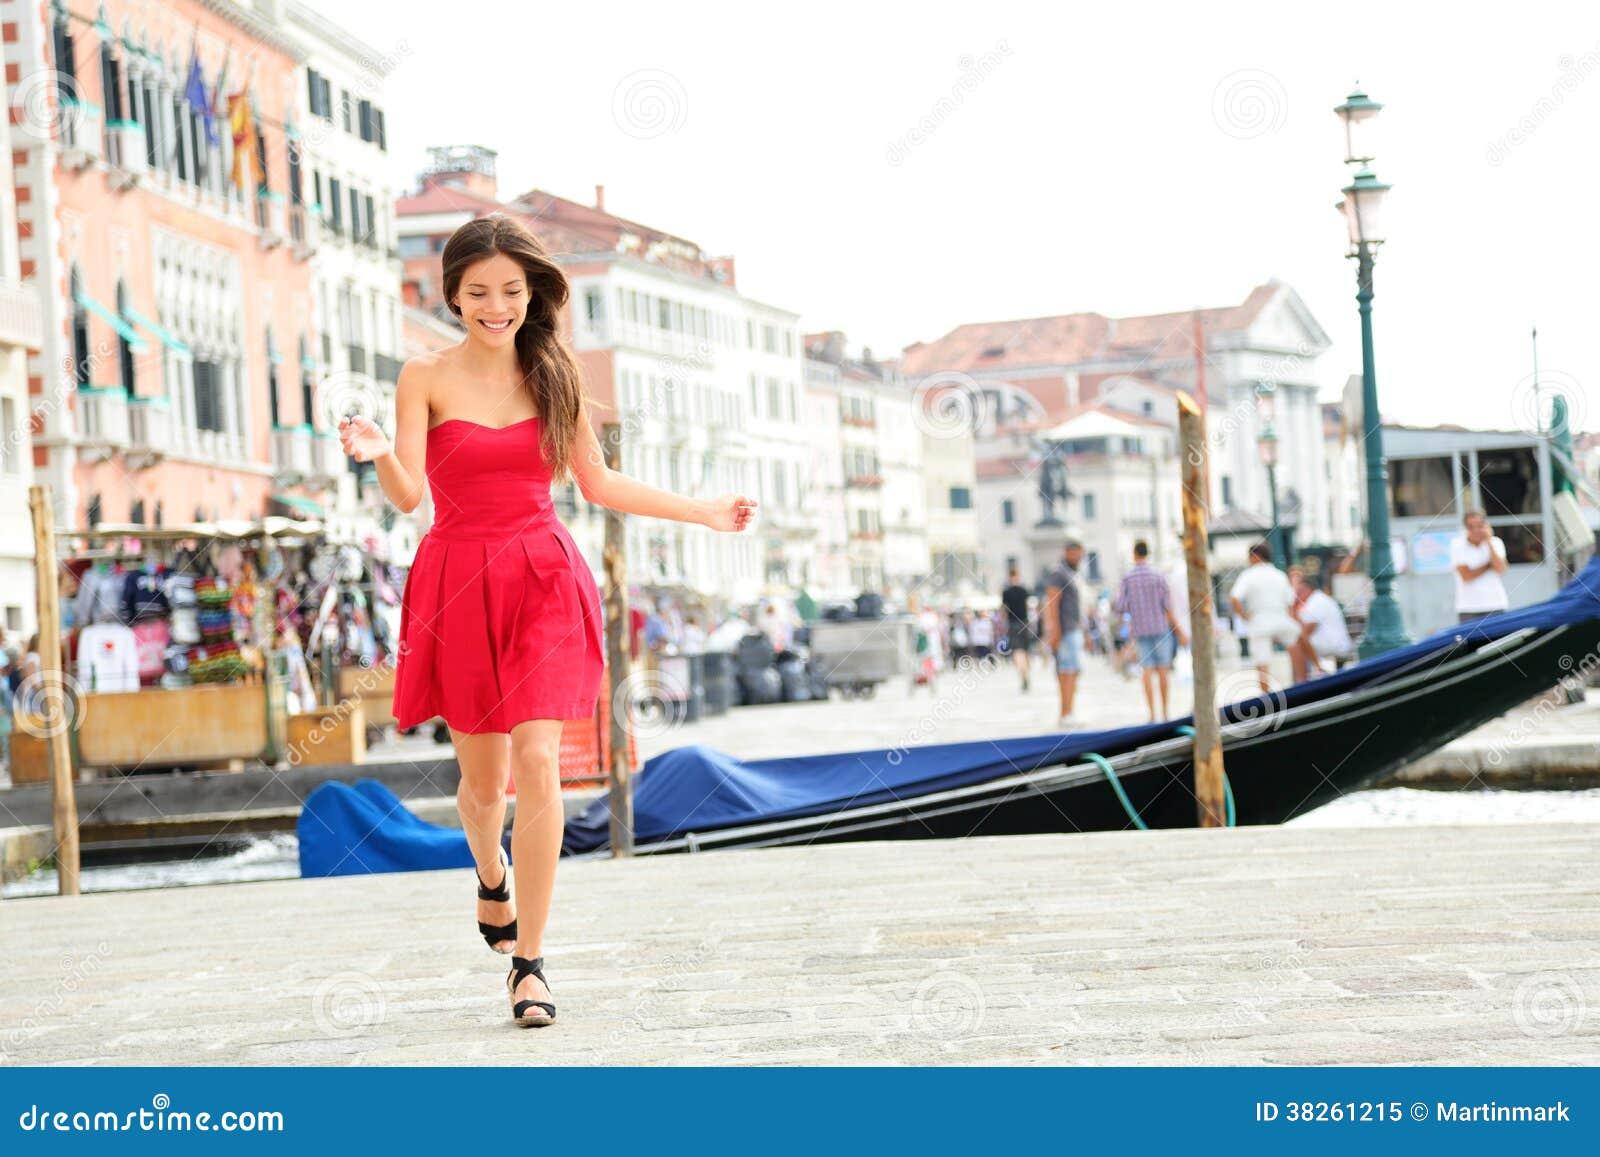 Happy Summer Girl Running In Dress Venice Italy Royalty